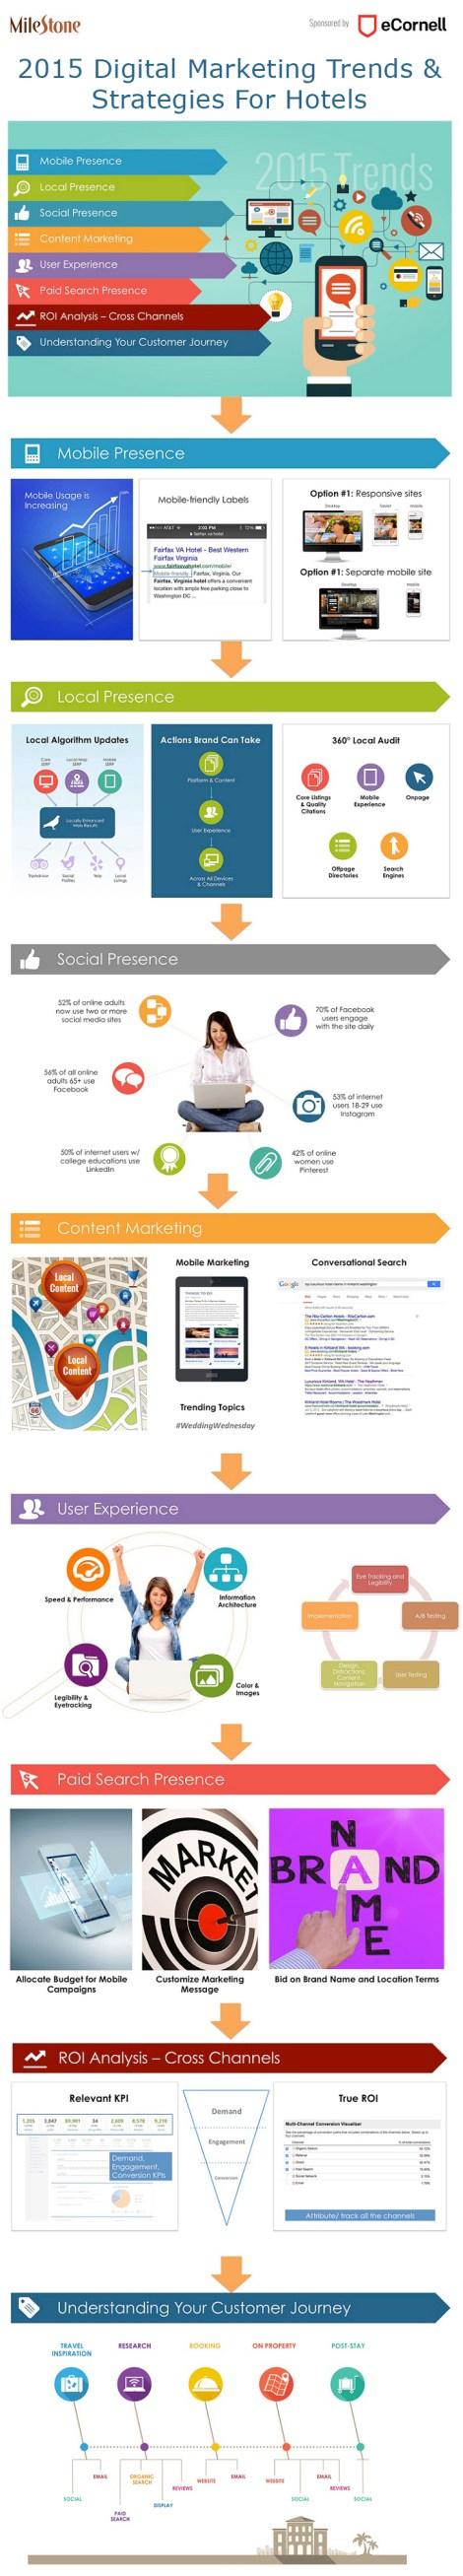 Infografía, tendencias en estrategia digital para hoteles